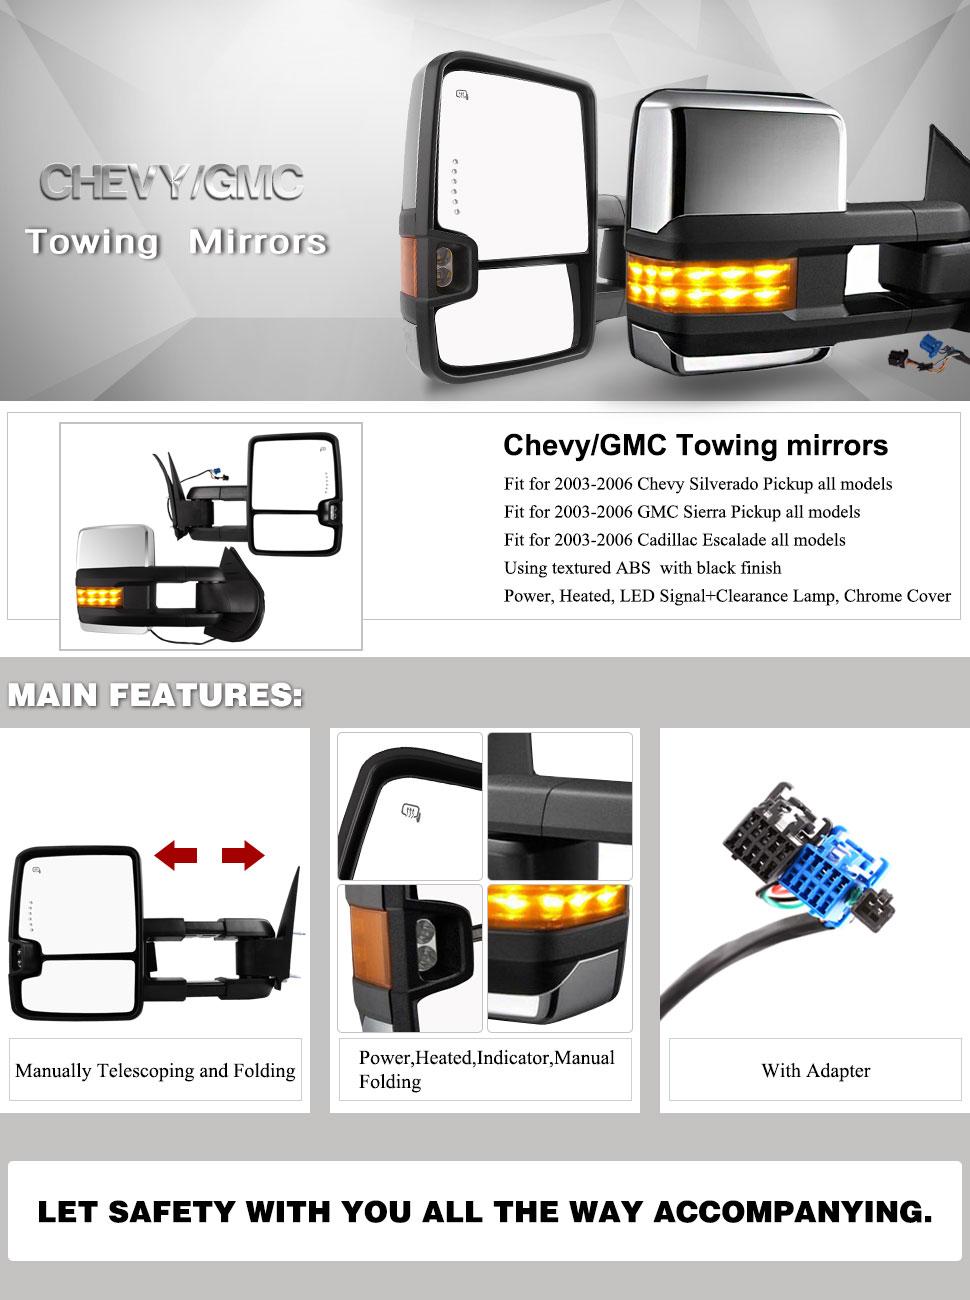 Amazon.com: Towing mirriors for 03-07 Chevy Silverado GMC Suburban ...